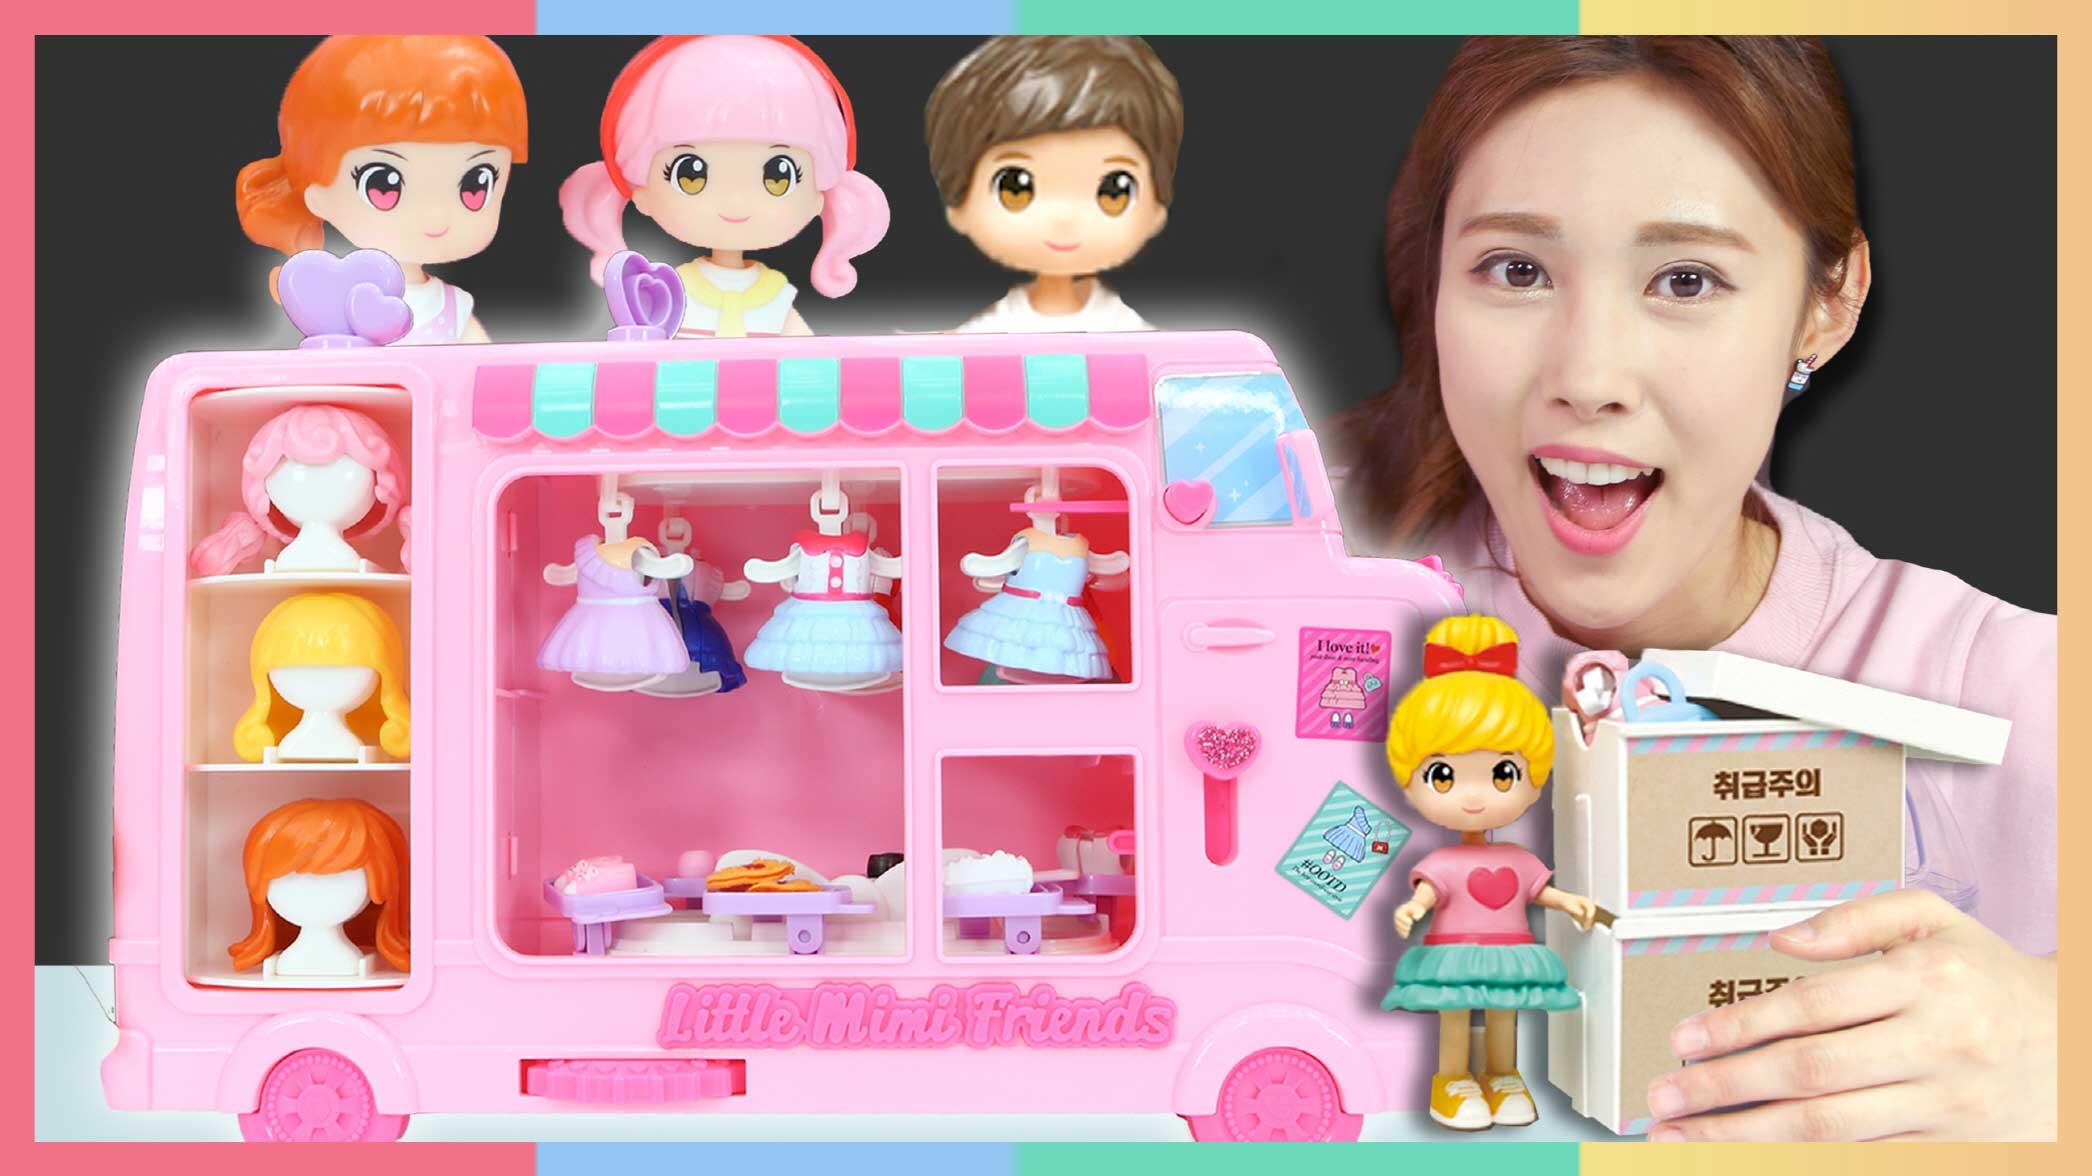 迷你娃娃梦幻车和百变公主套装   凯利和玩具朋友们 CarrieAndToys